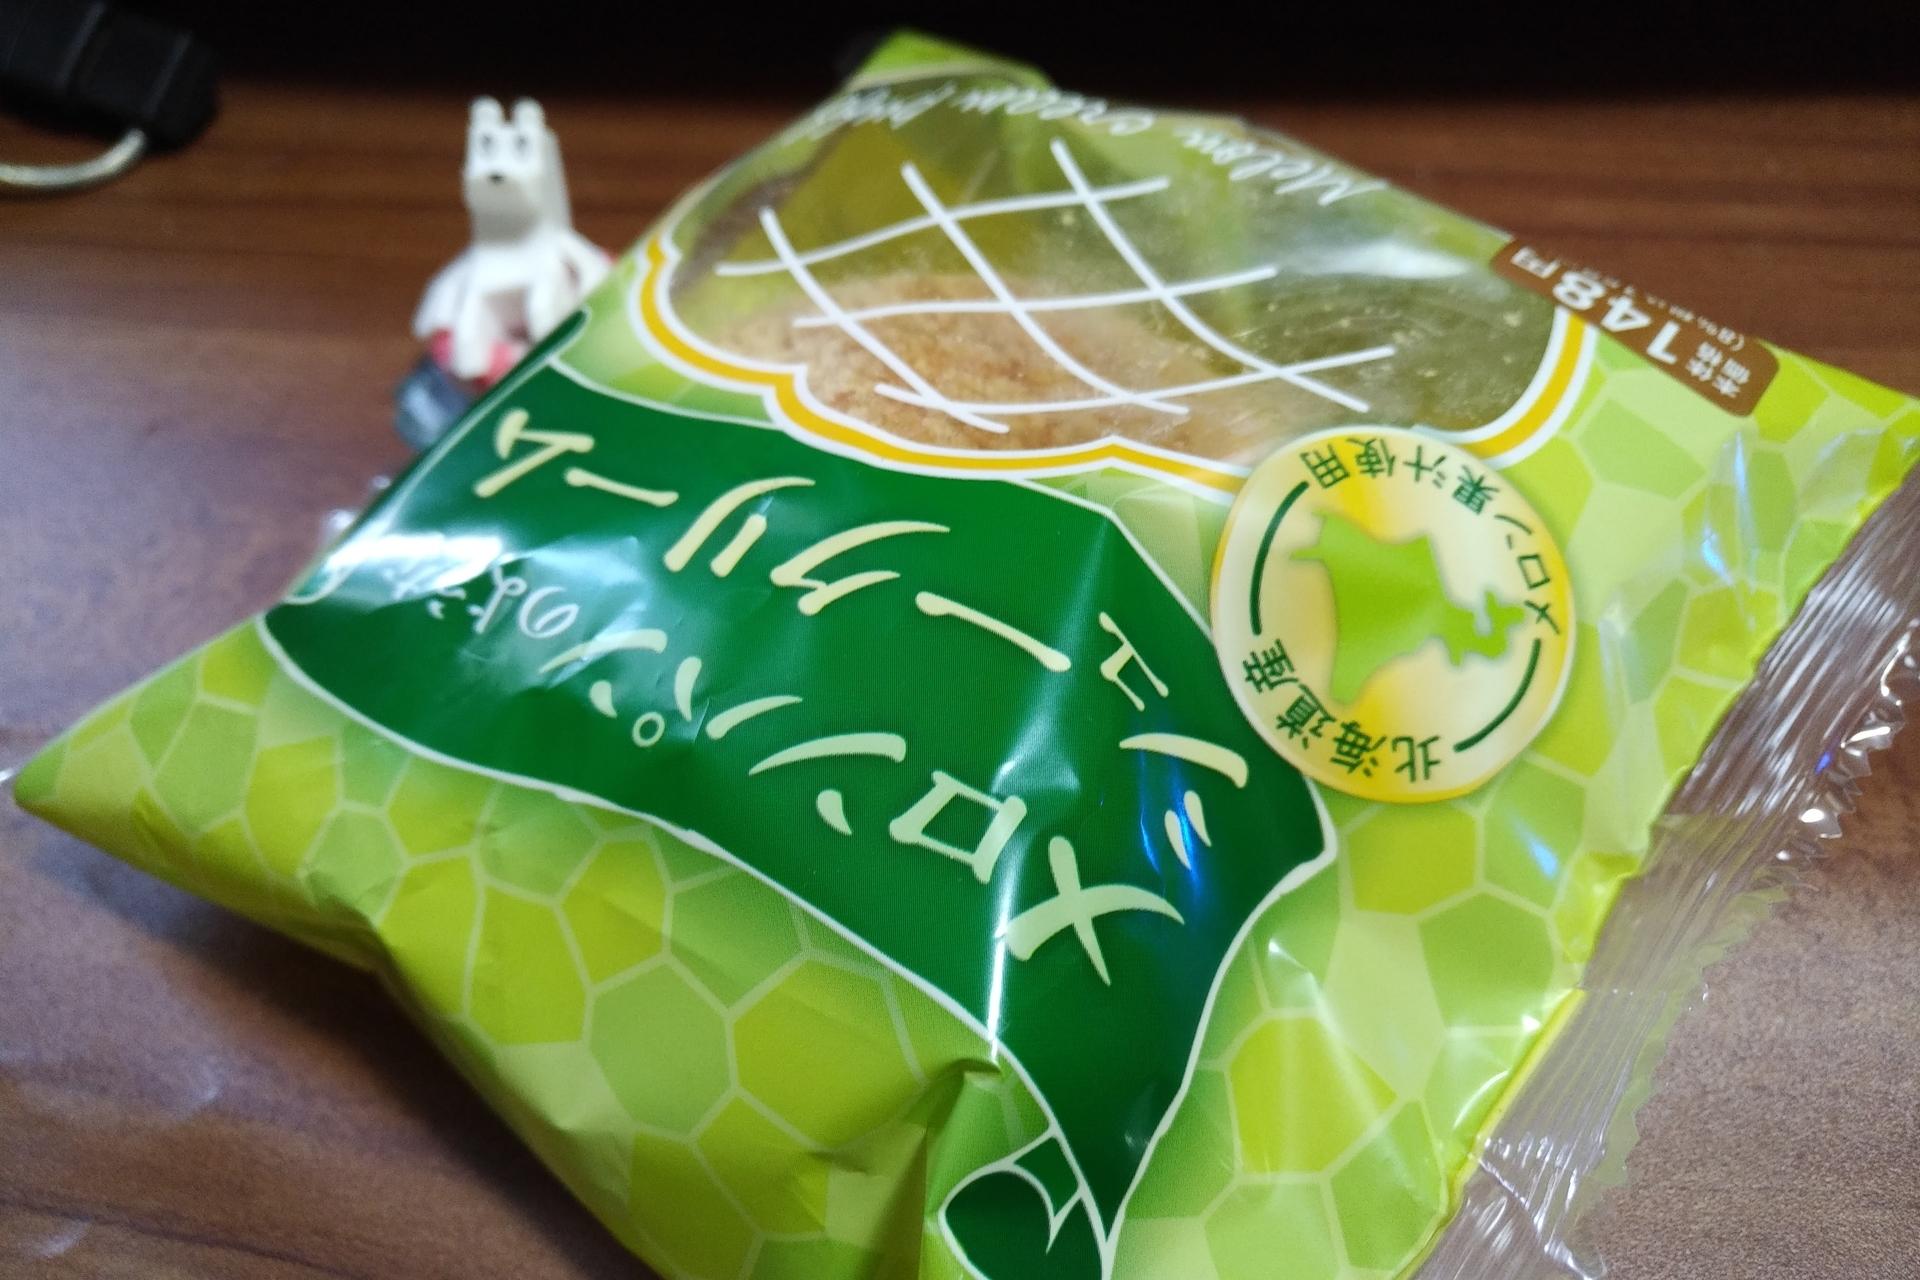 セイコーマート メロンパンのようなシュークリーム